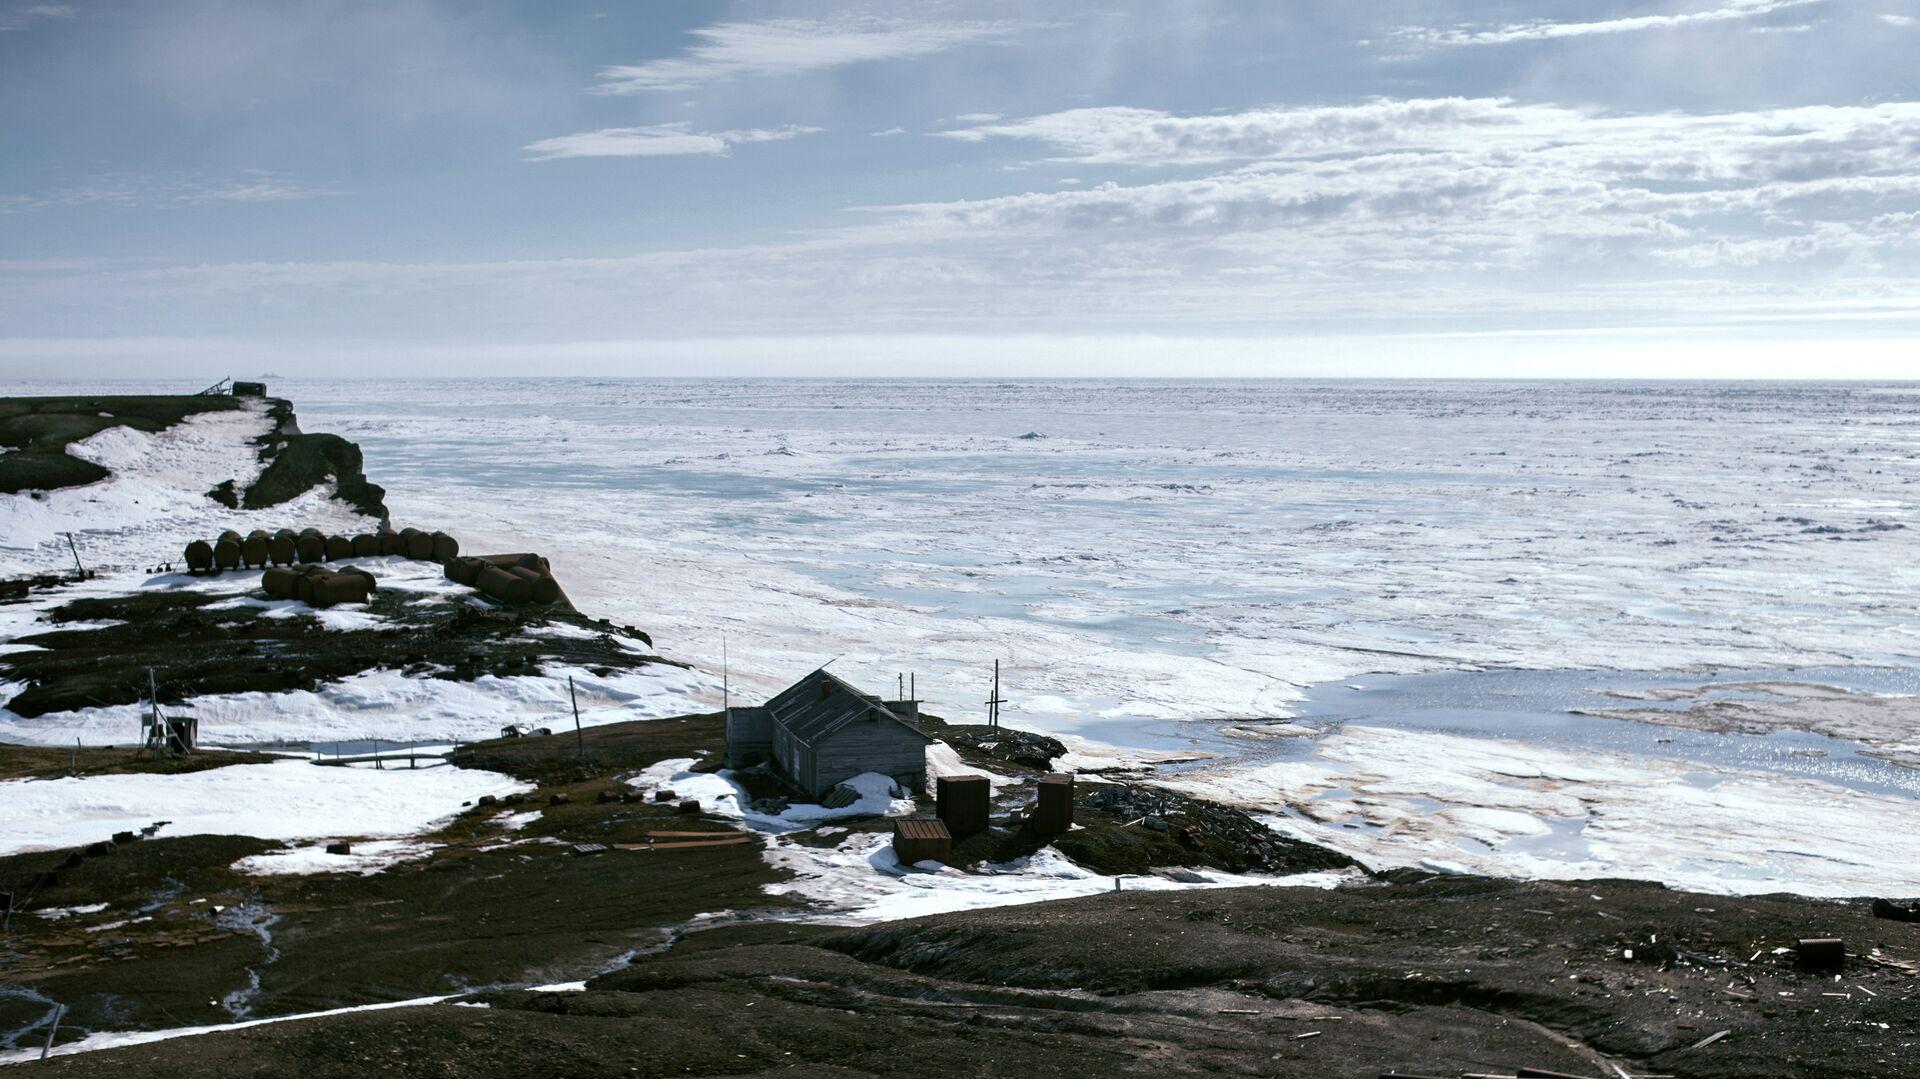 Бывшая полярная станция Остров Уединение в Карском море - РИА Новости, 1920, 03.08.2021